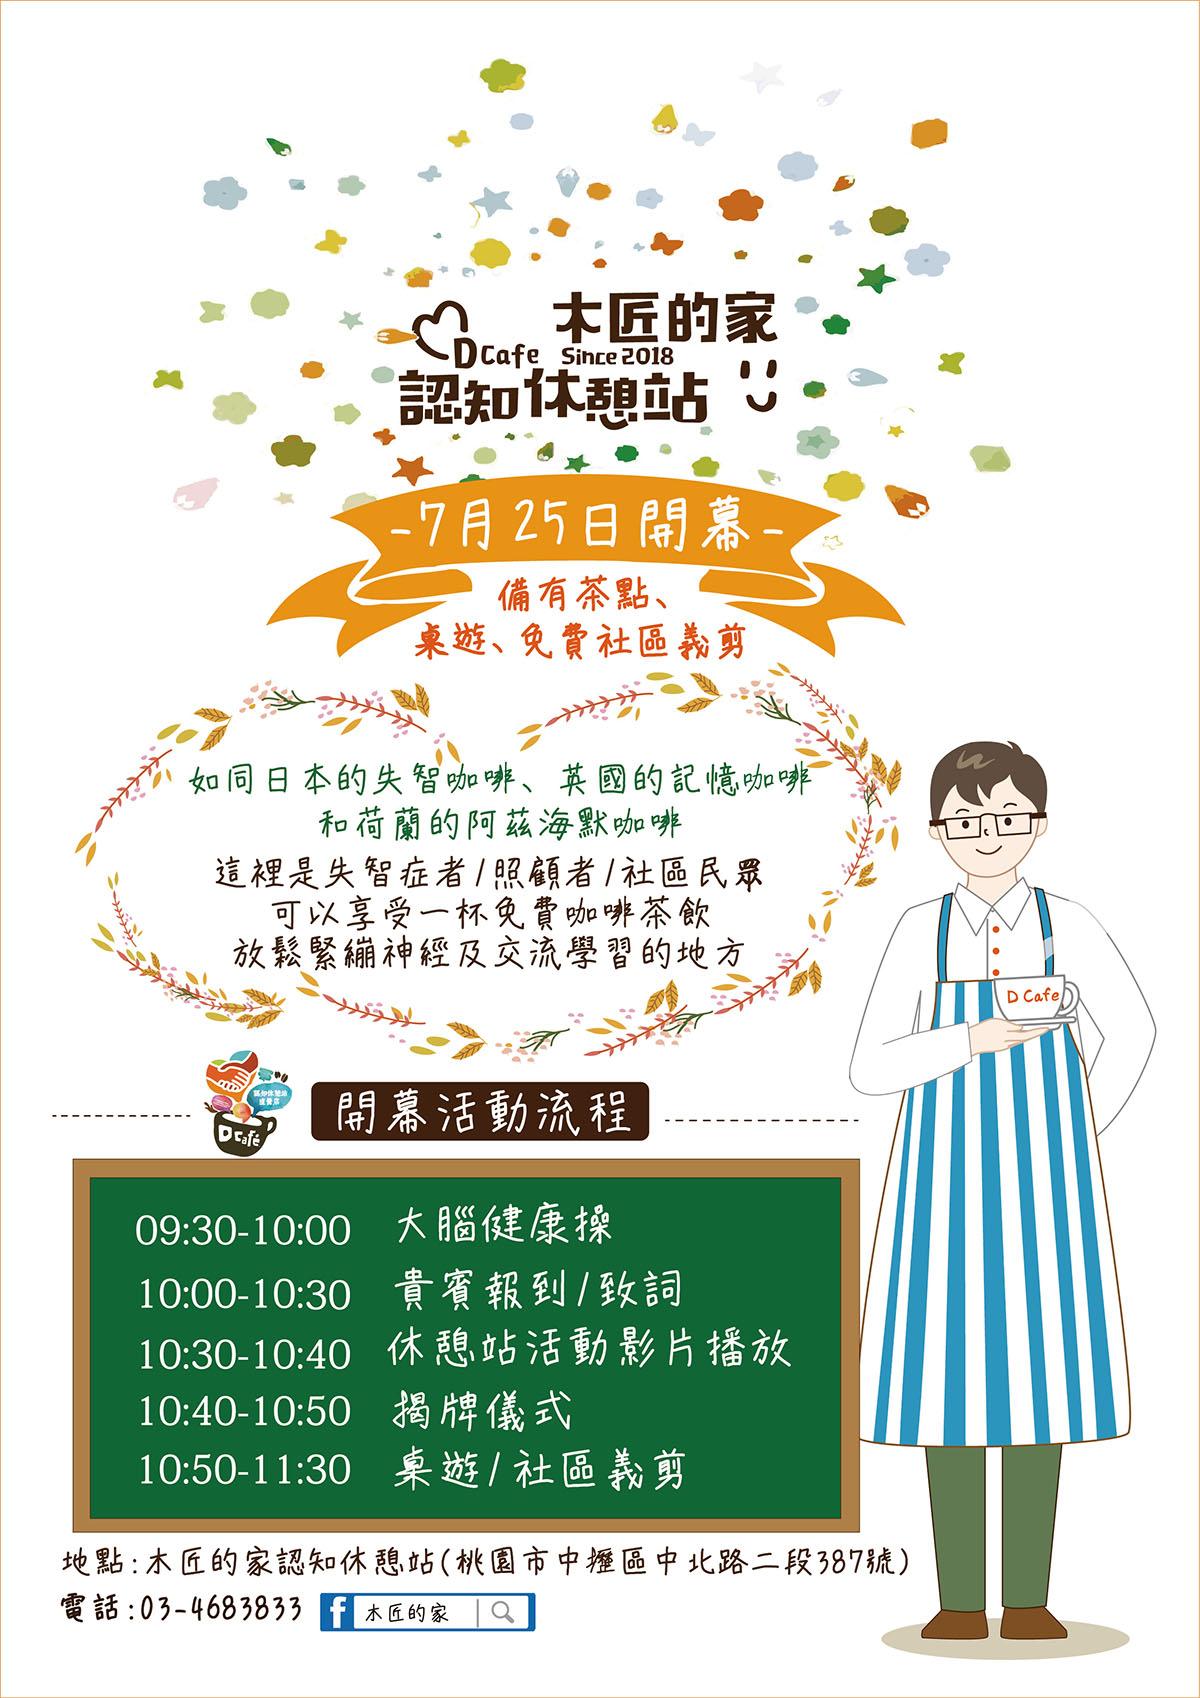 【7/25木匠的家認知休憩站~正式開幕揭牌】